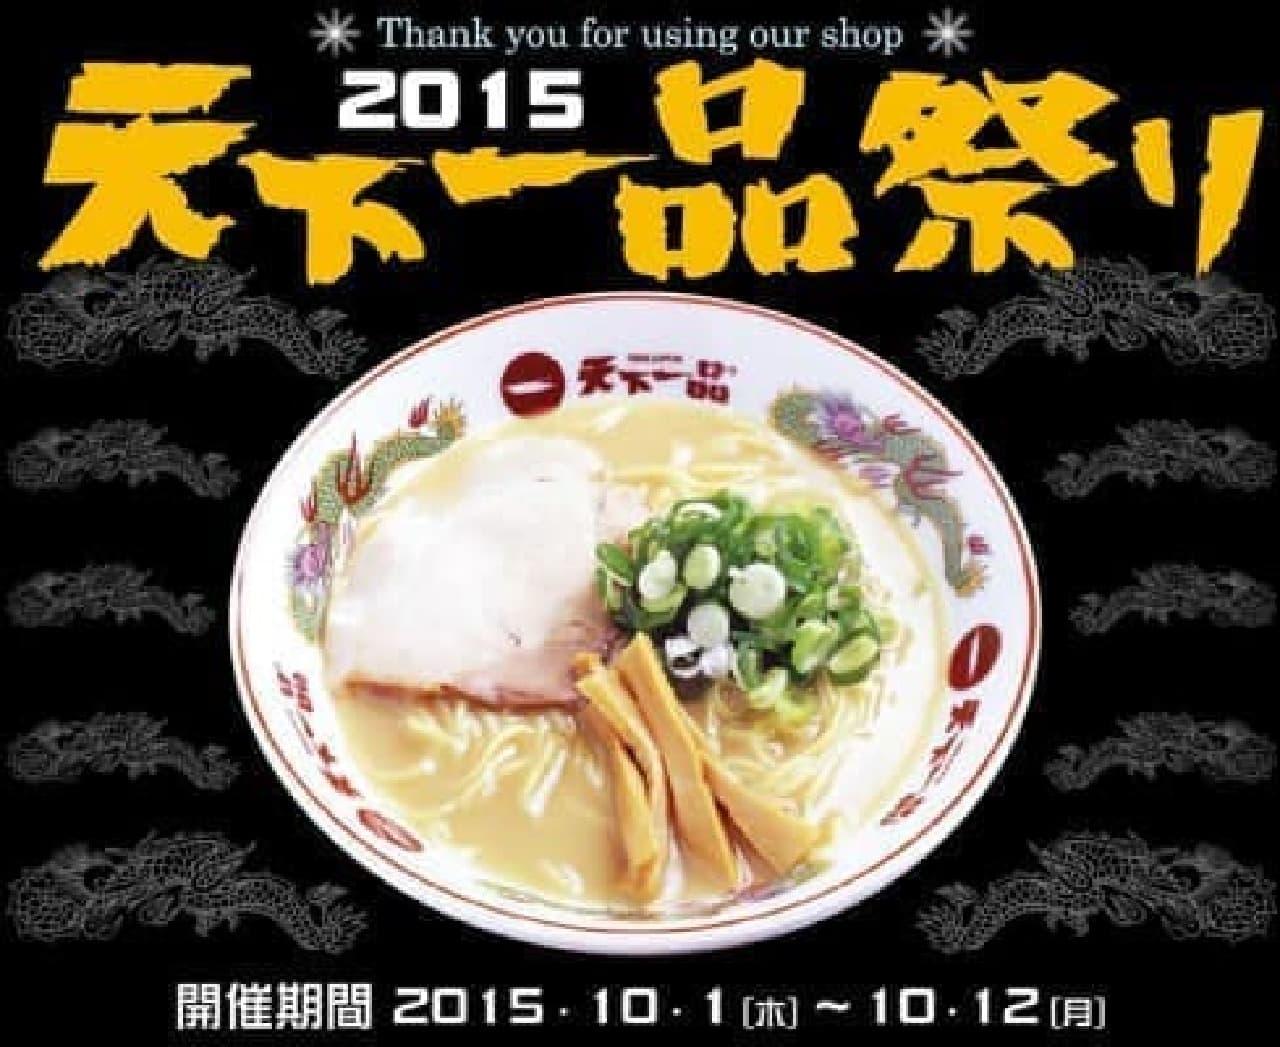 天下一品祭り2015開催!  (画像出典:天下一品公式サイト)